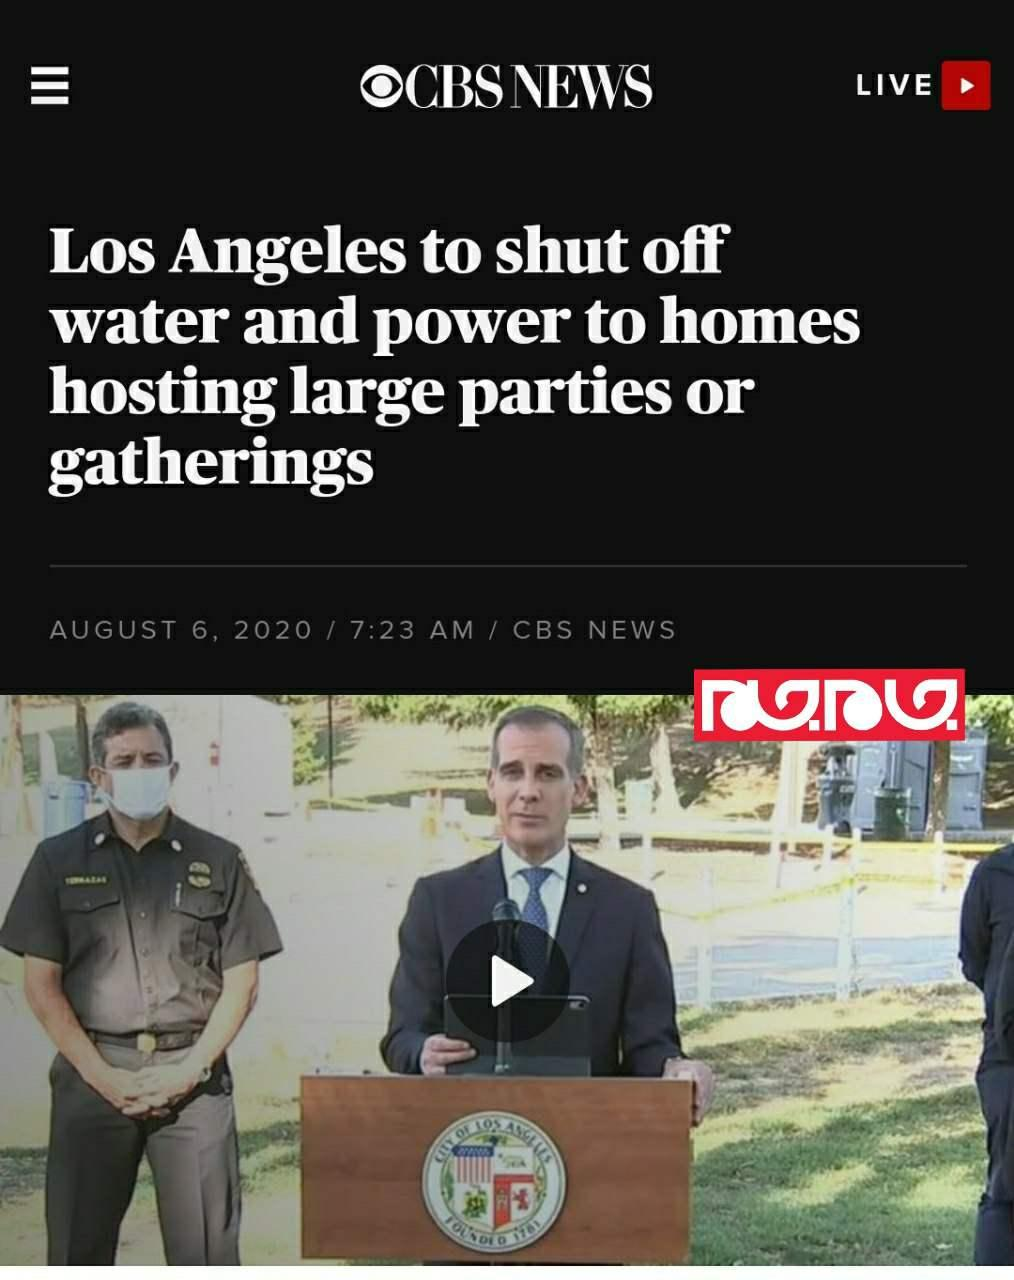 در لس آنجلس آب و برق خانههایی که اجتماعات و مهمانی برگزار میکنند، قطع میشود!